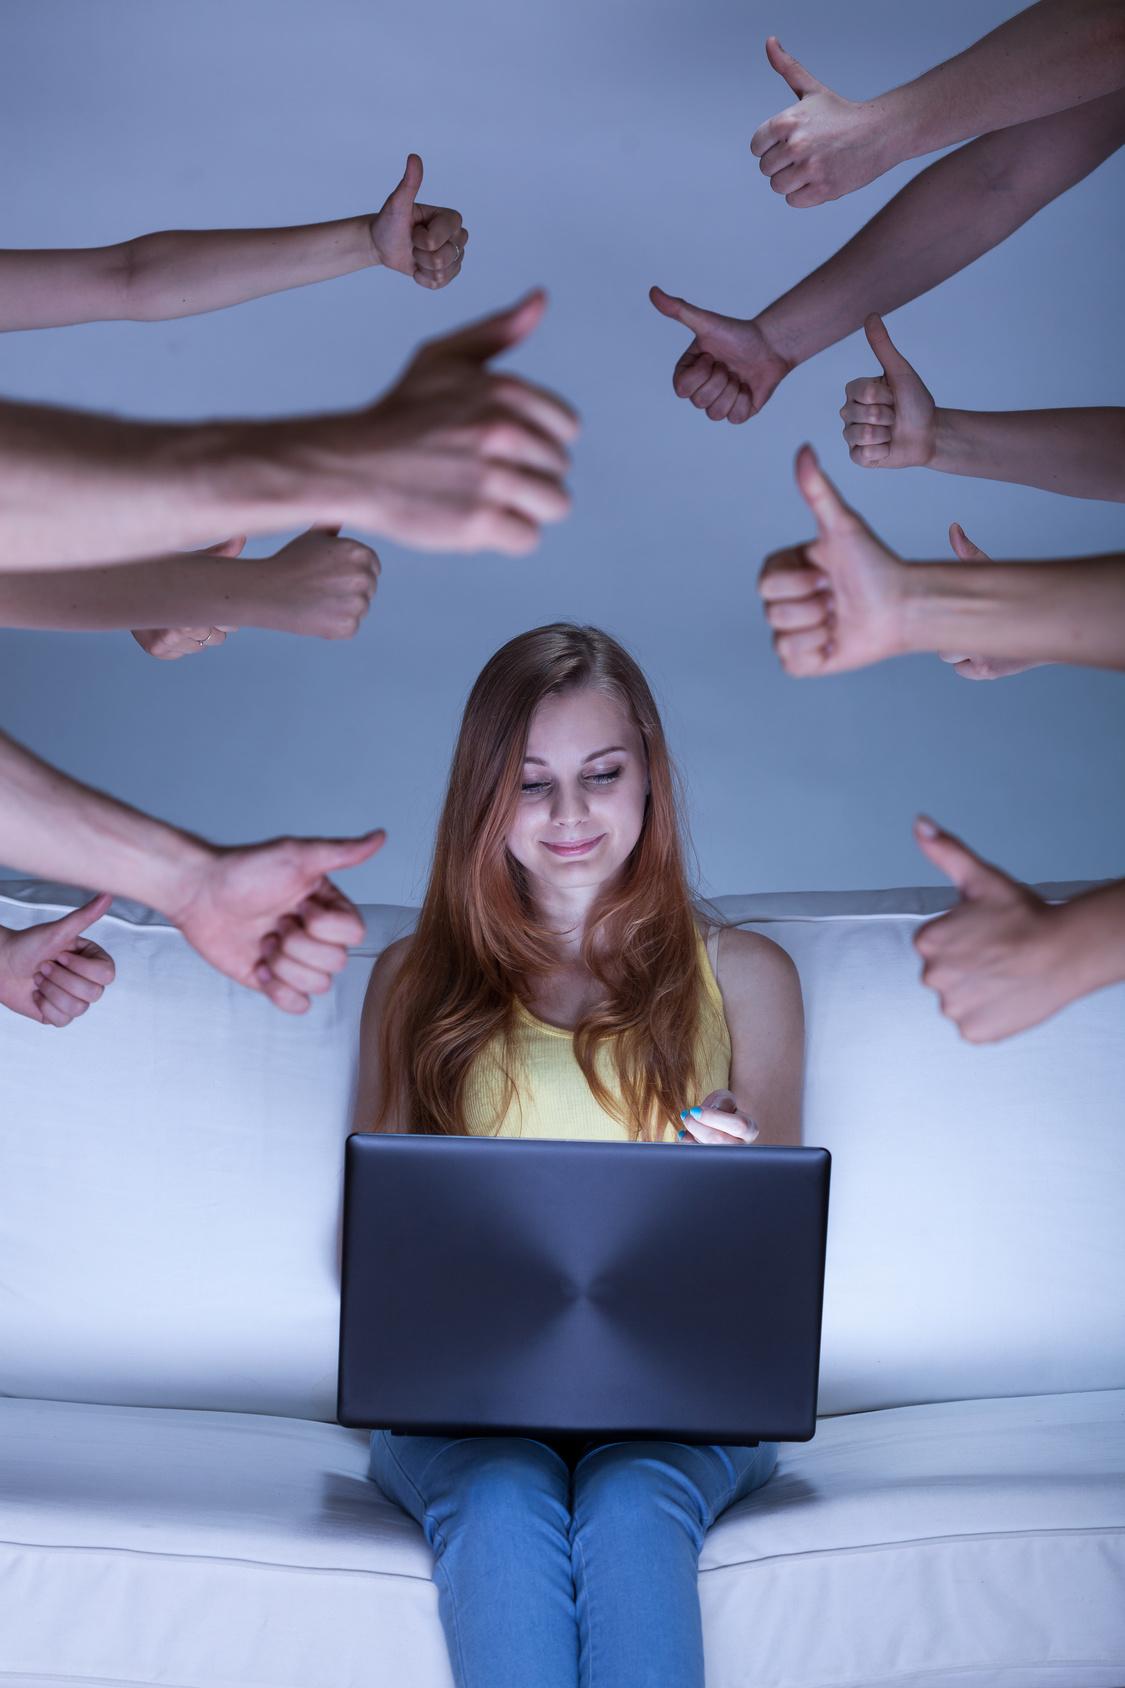 Gehts dir schlecht, lass die Finger von Facebook